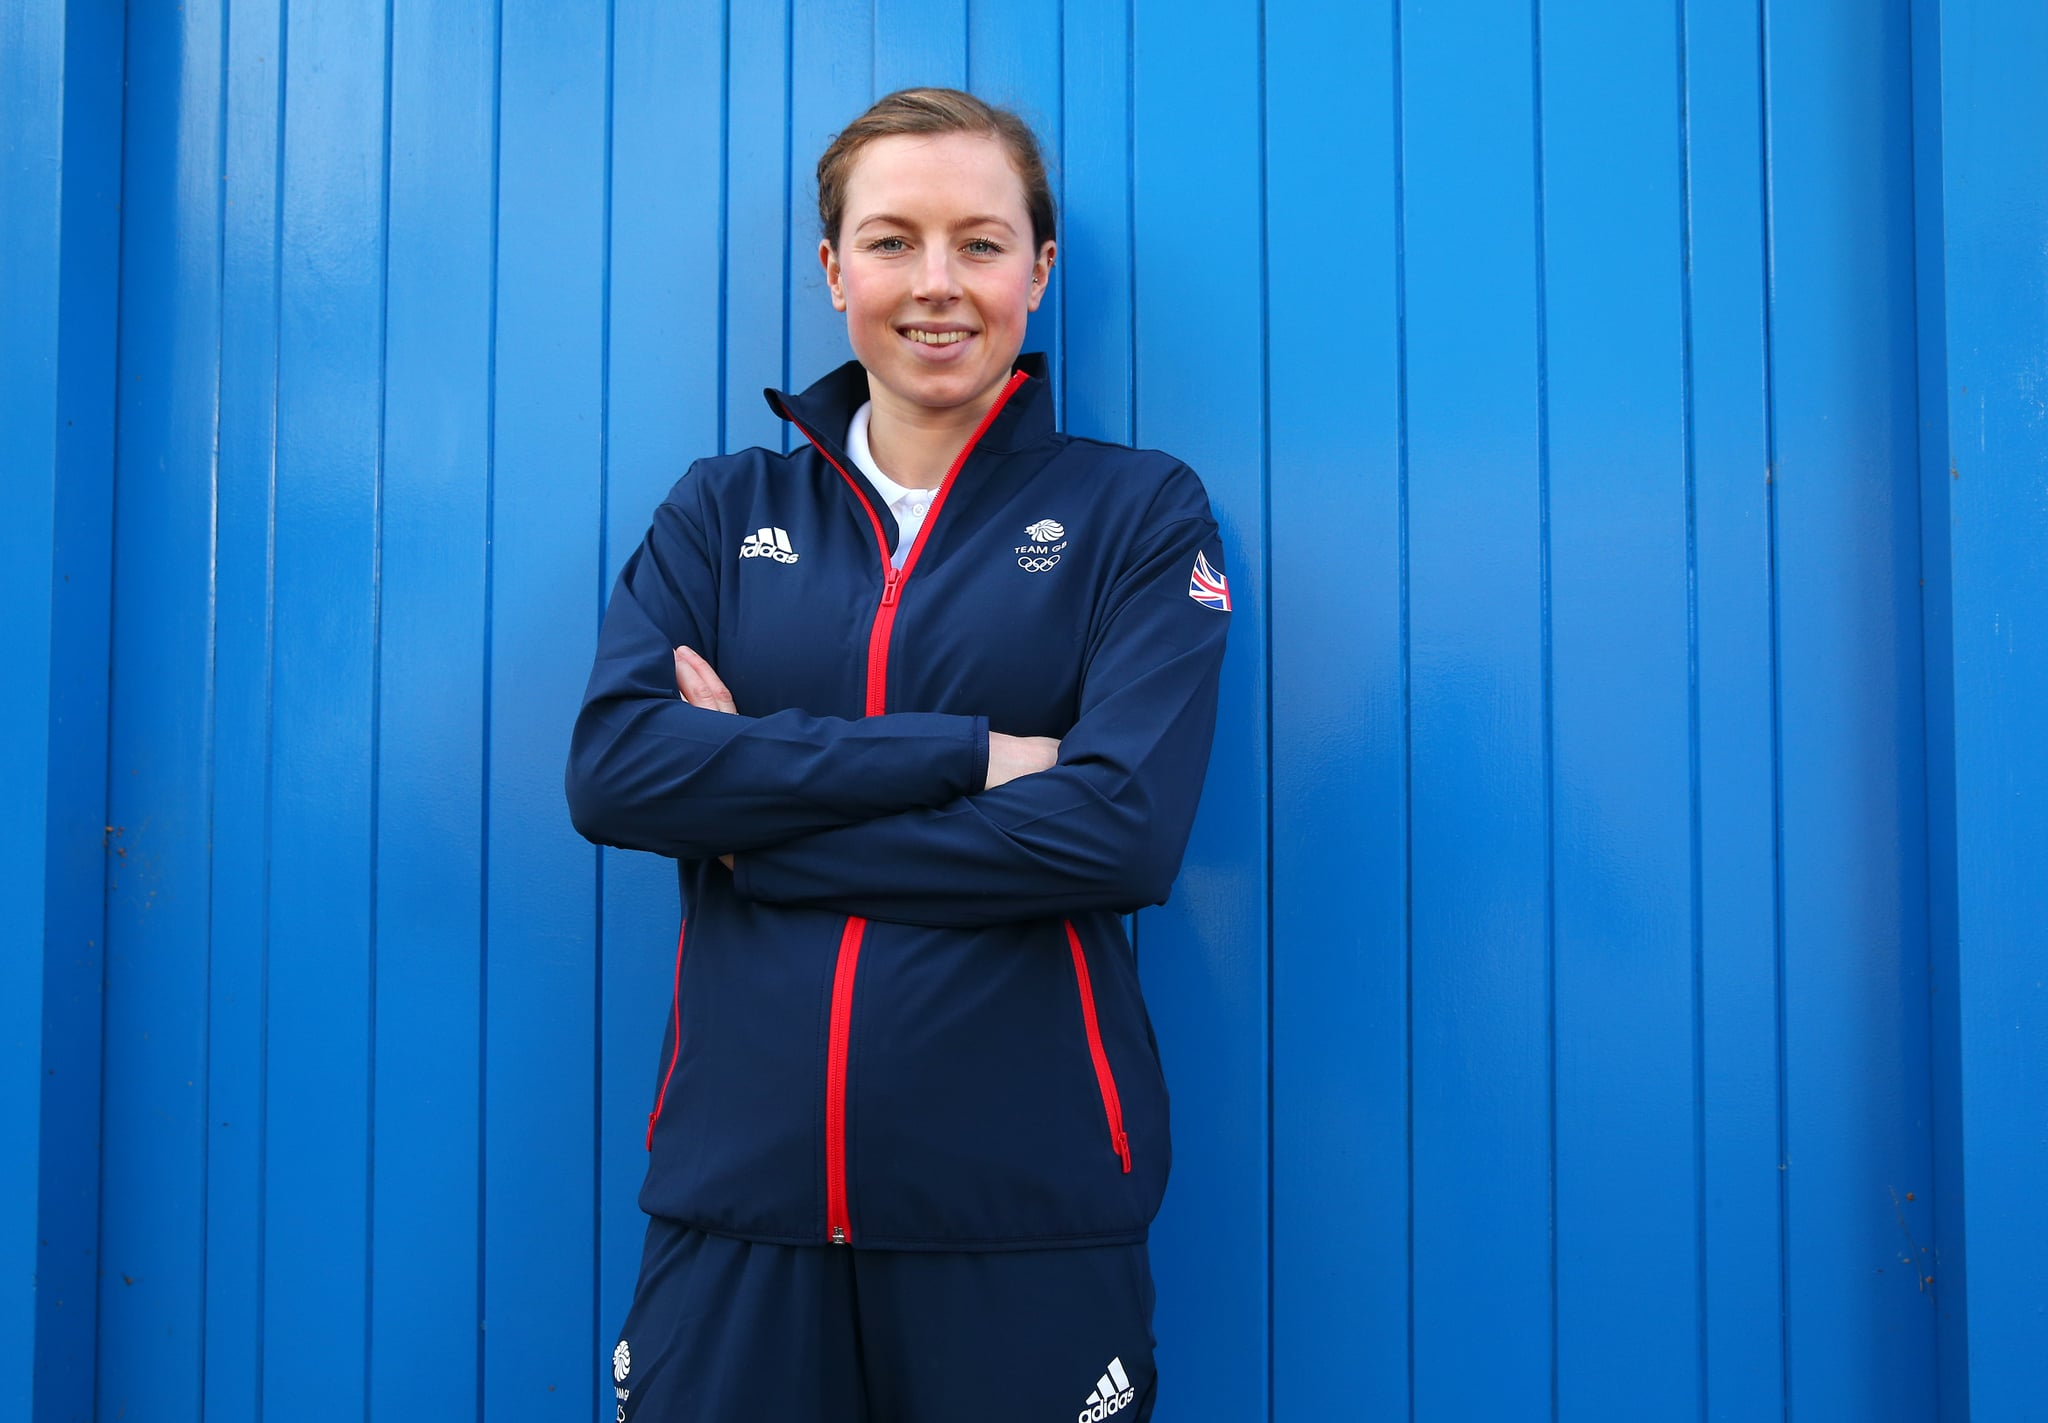 لیدز ، انگلستان - 02 نوامبر: جورجیا تیلور-براون از بریتانیای کبیر عکسی را به مناسبت اعلام رسمی سه گانه های انتخاب شده به تیم GB برای بازی های المپیک 2020 توکیو 2020 در 02 نوامبر 2020 در لیدز ، انگلیس عکس گرفت.  (عکس از الکس لیوسی / گتی ایماژ برای انجمن المپیک انگلیس)